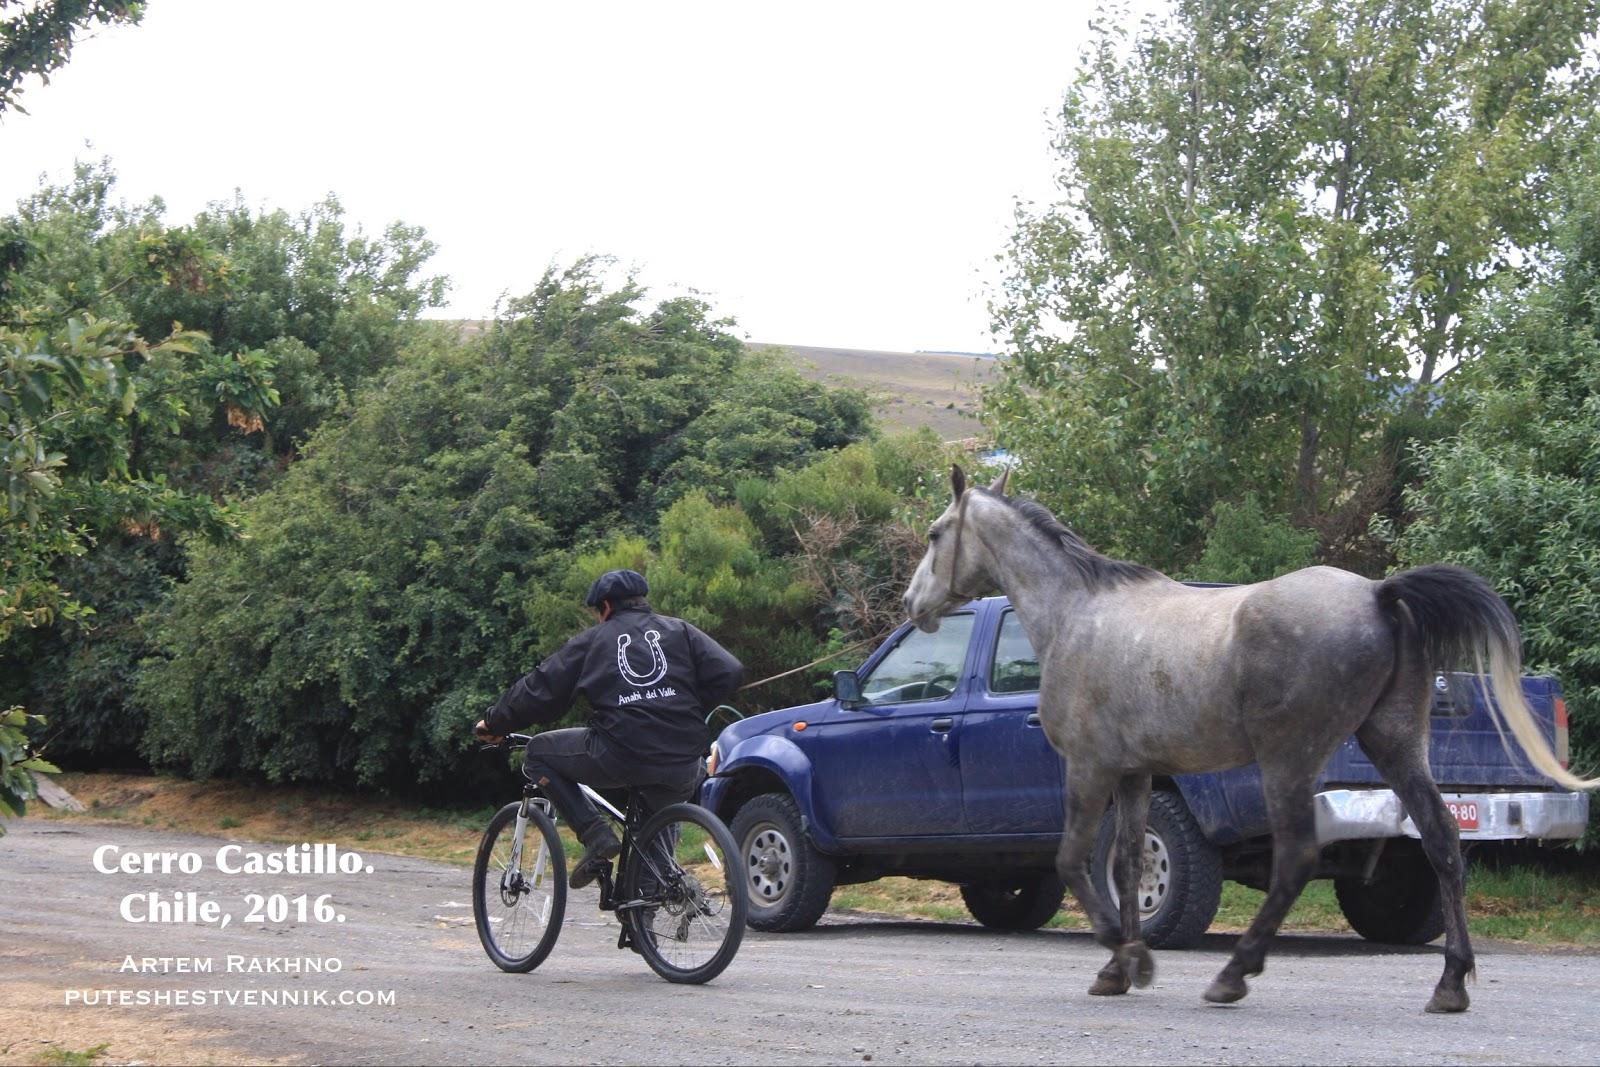 Чилиец на велосипеде ведет за собой лошадь